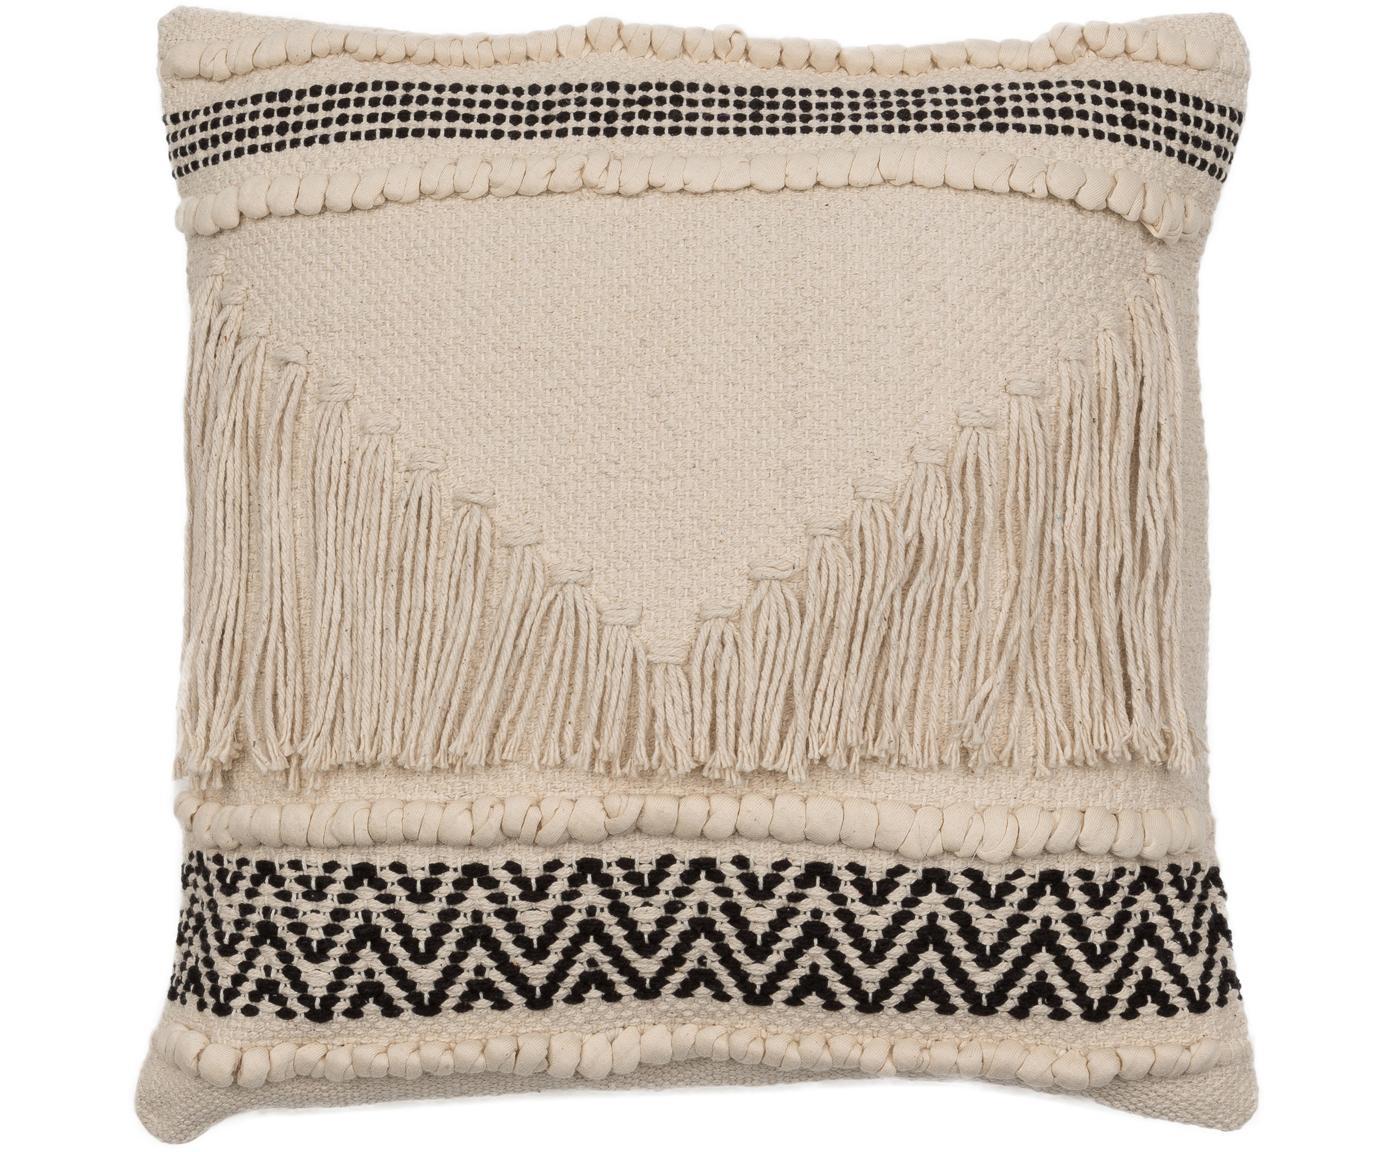 Boho Kissen Berka mit strukturierter Oberfläche, mit Inlett, Bezug: 100% Baumwolle, Creme, Schwarz, 45 x 45 cm